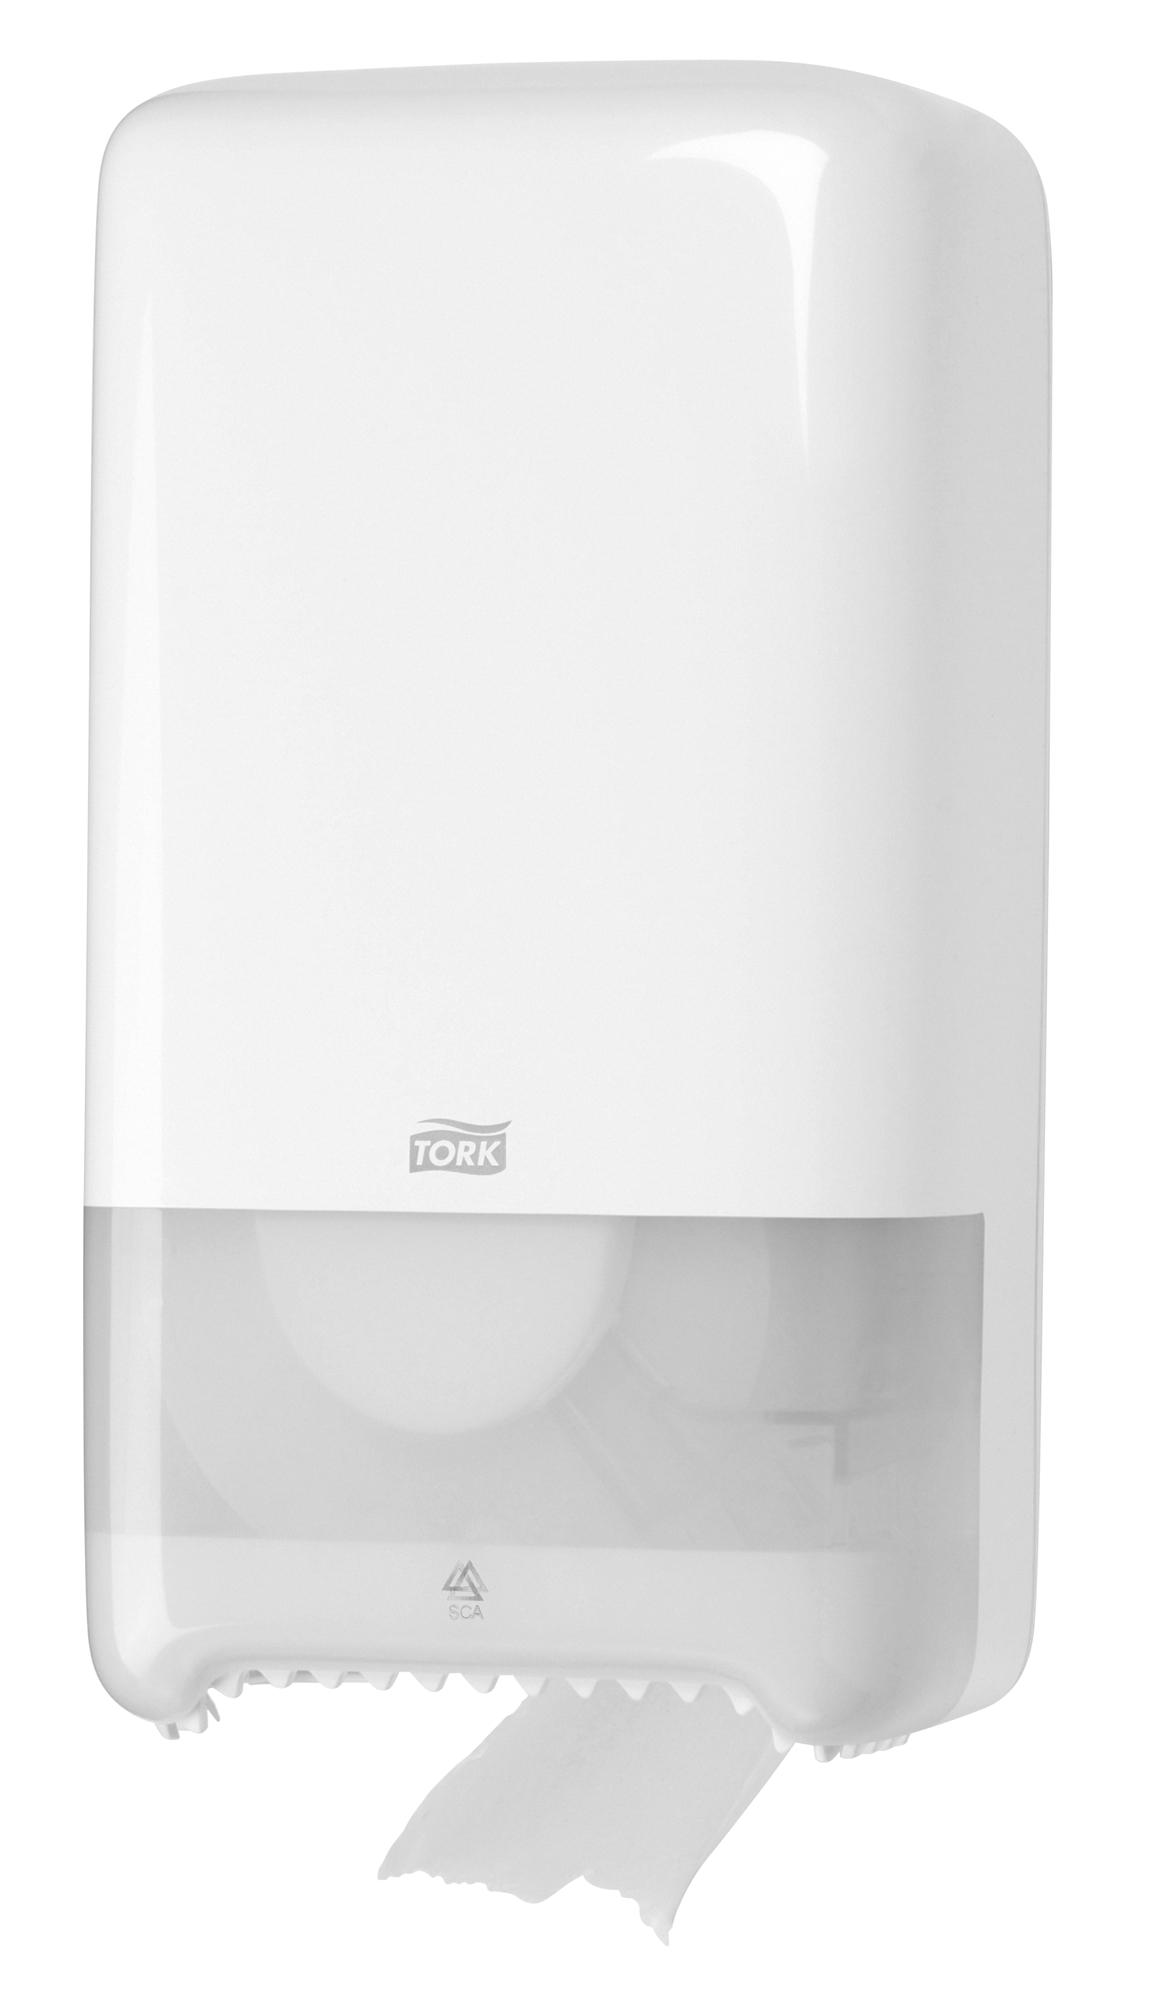 Dispenser Toilet Paper Tork T6 White